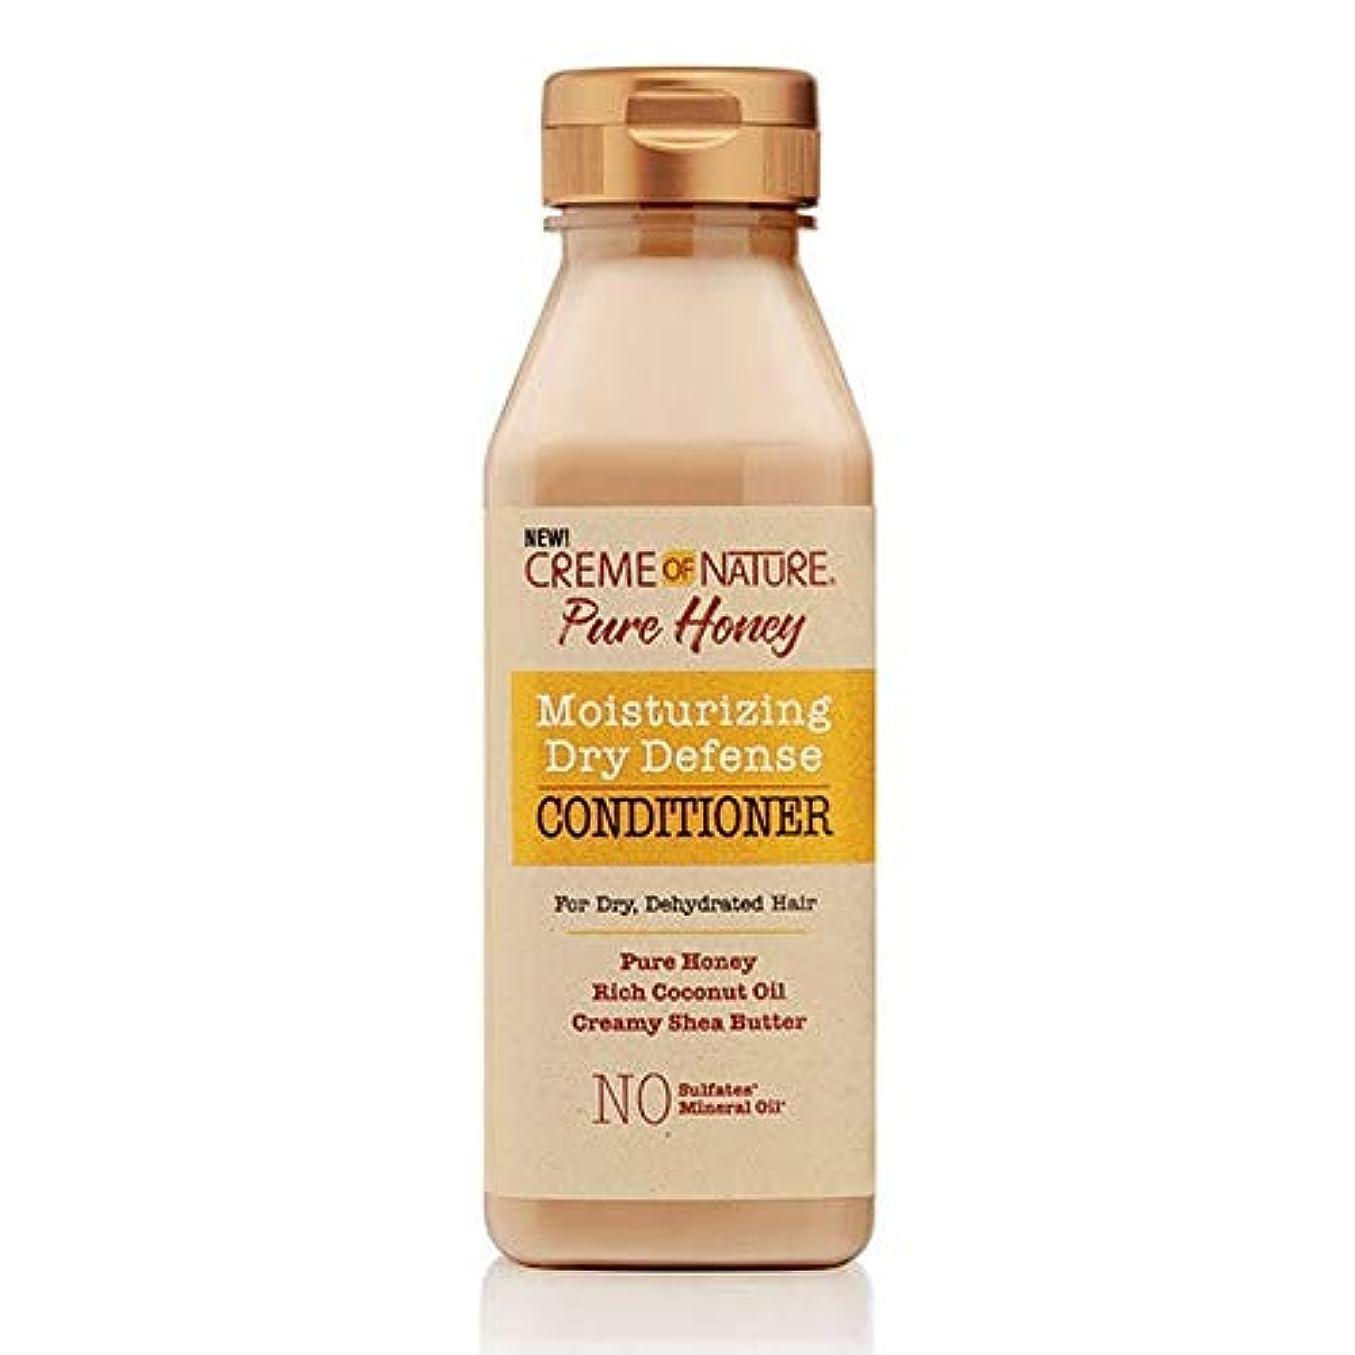 独占取り付けちょっと待って[Creme of Nature ] 自然の純粋蜂蜜ドライ防衛コンディショナー355ミリリットルのクリーム - Creme of Nature Pure Honey Dry Defence Conditioner 355ml...